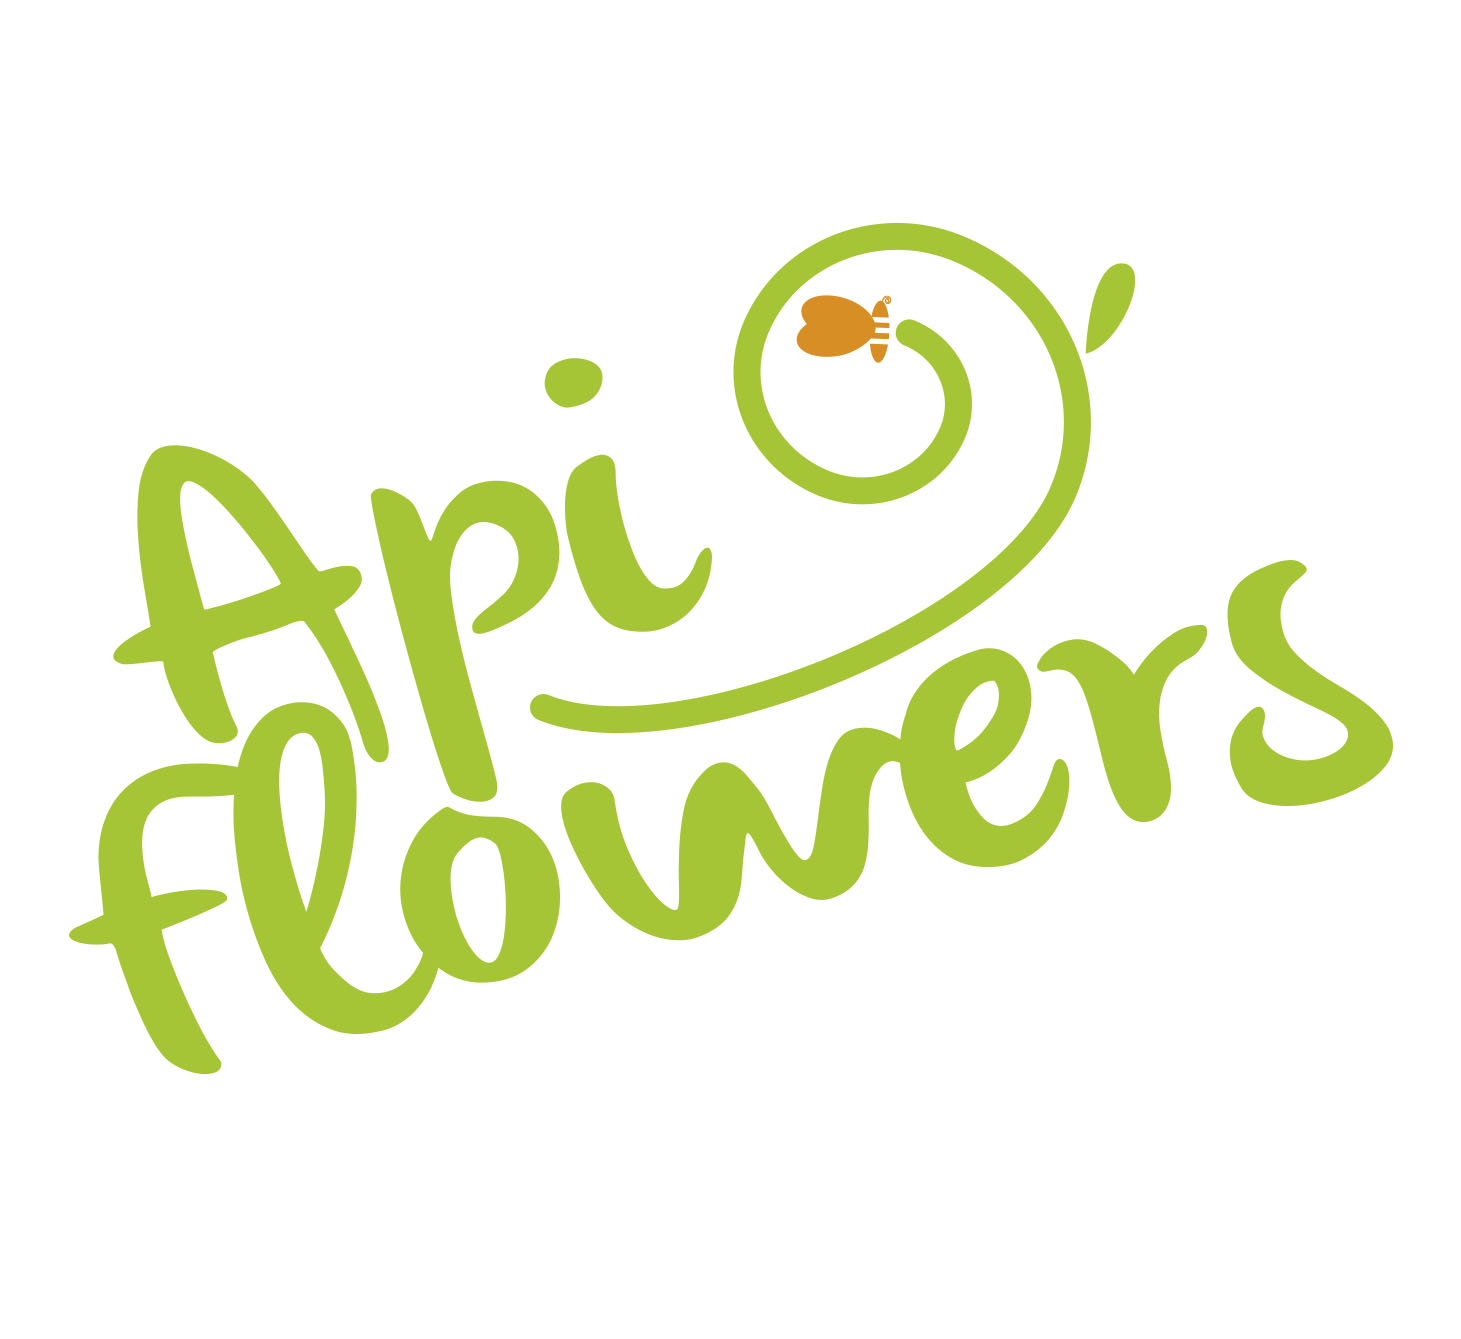 Création d'un logo pour apiflowers